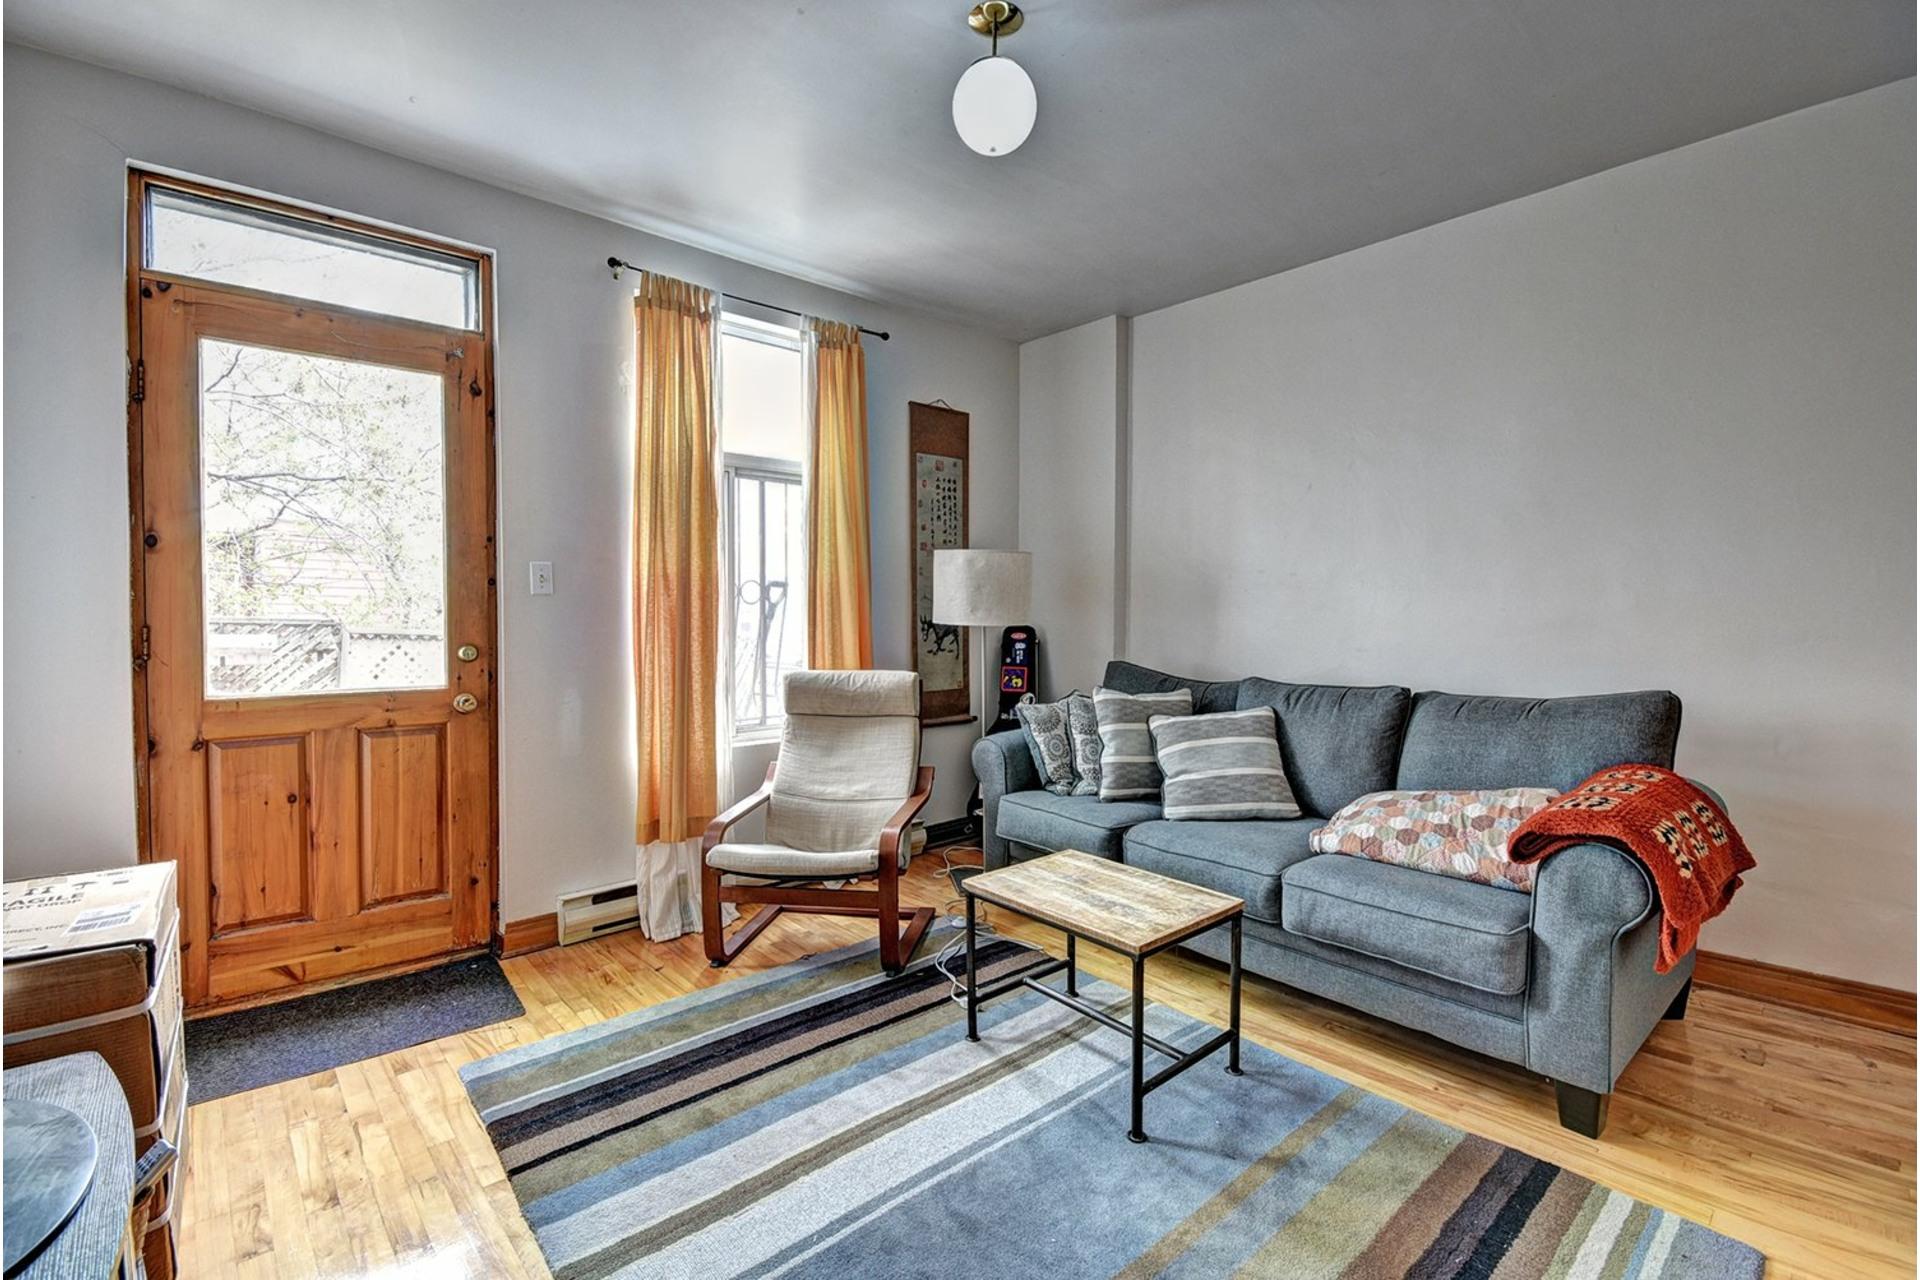 image 6 - Triplex À vendre Côte-des-Neiges/Notre-Dame-de-Grâce Montréal  - 5 pièces